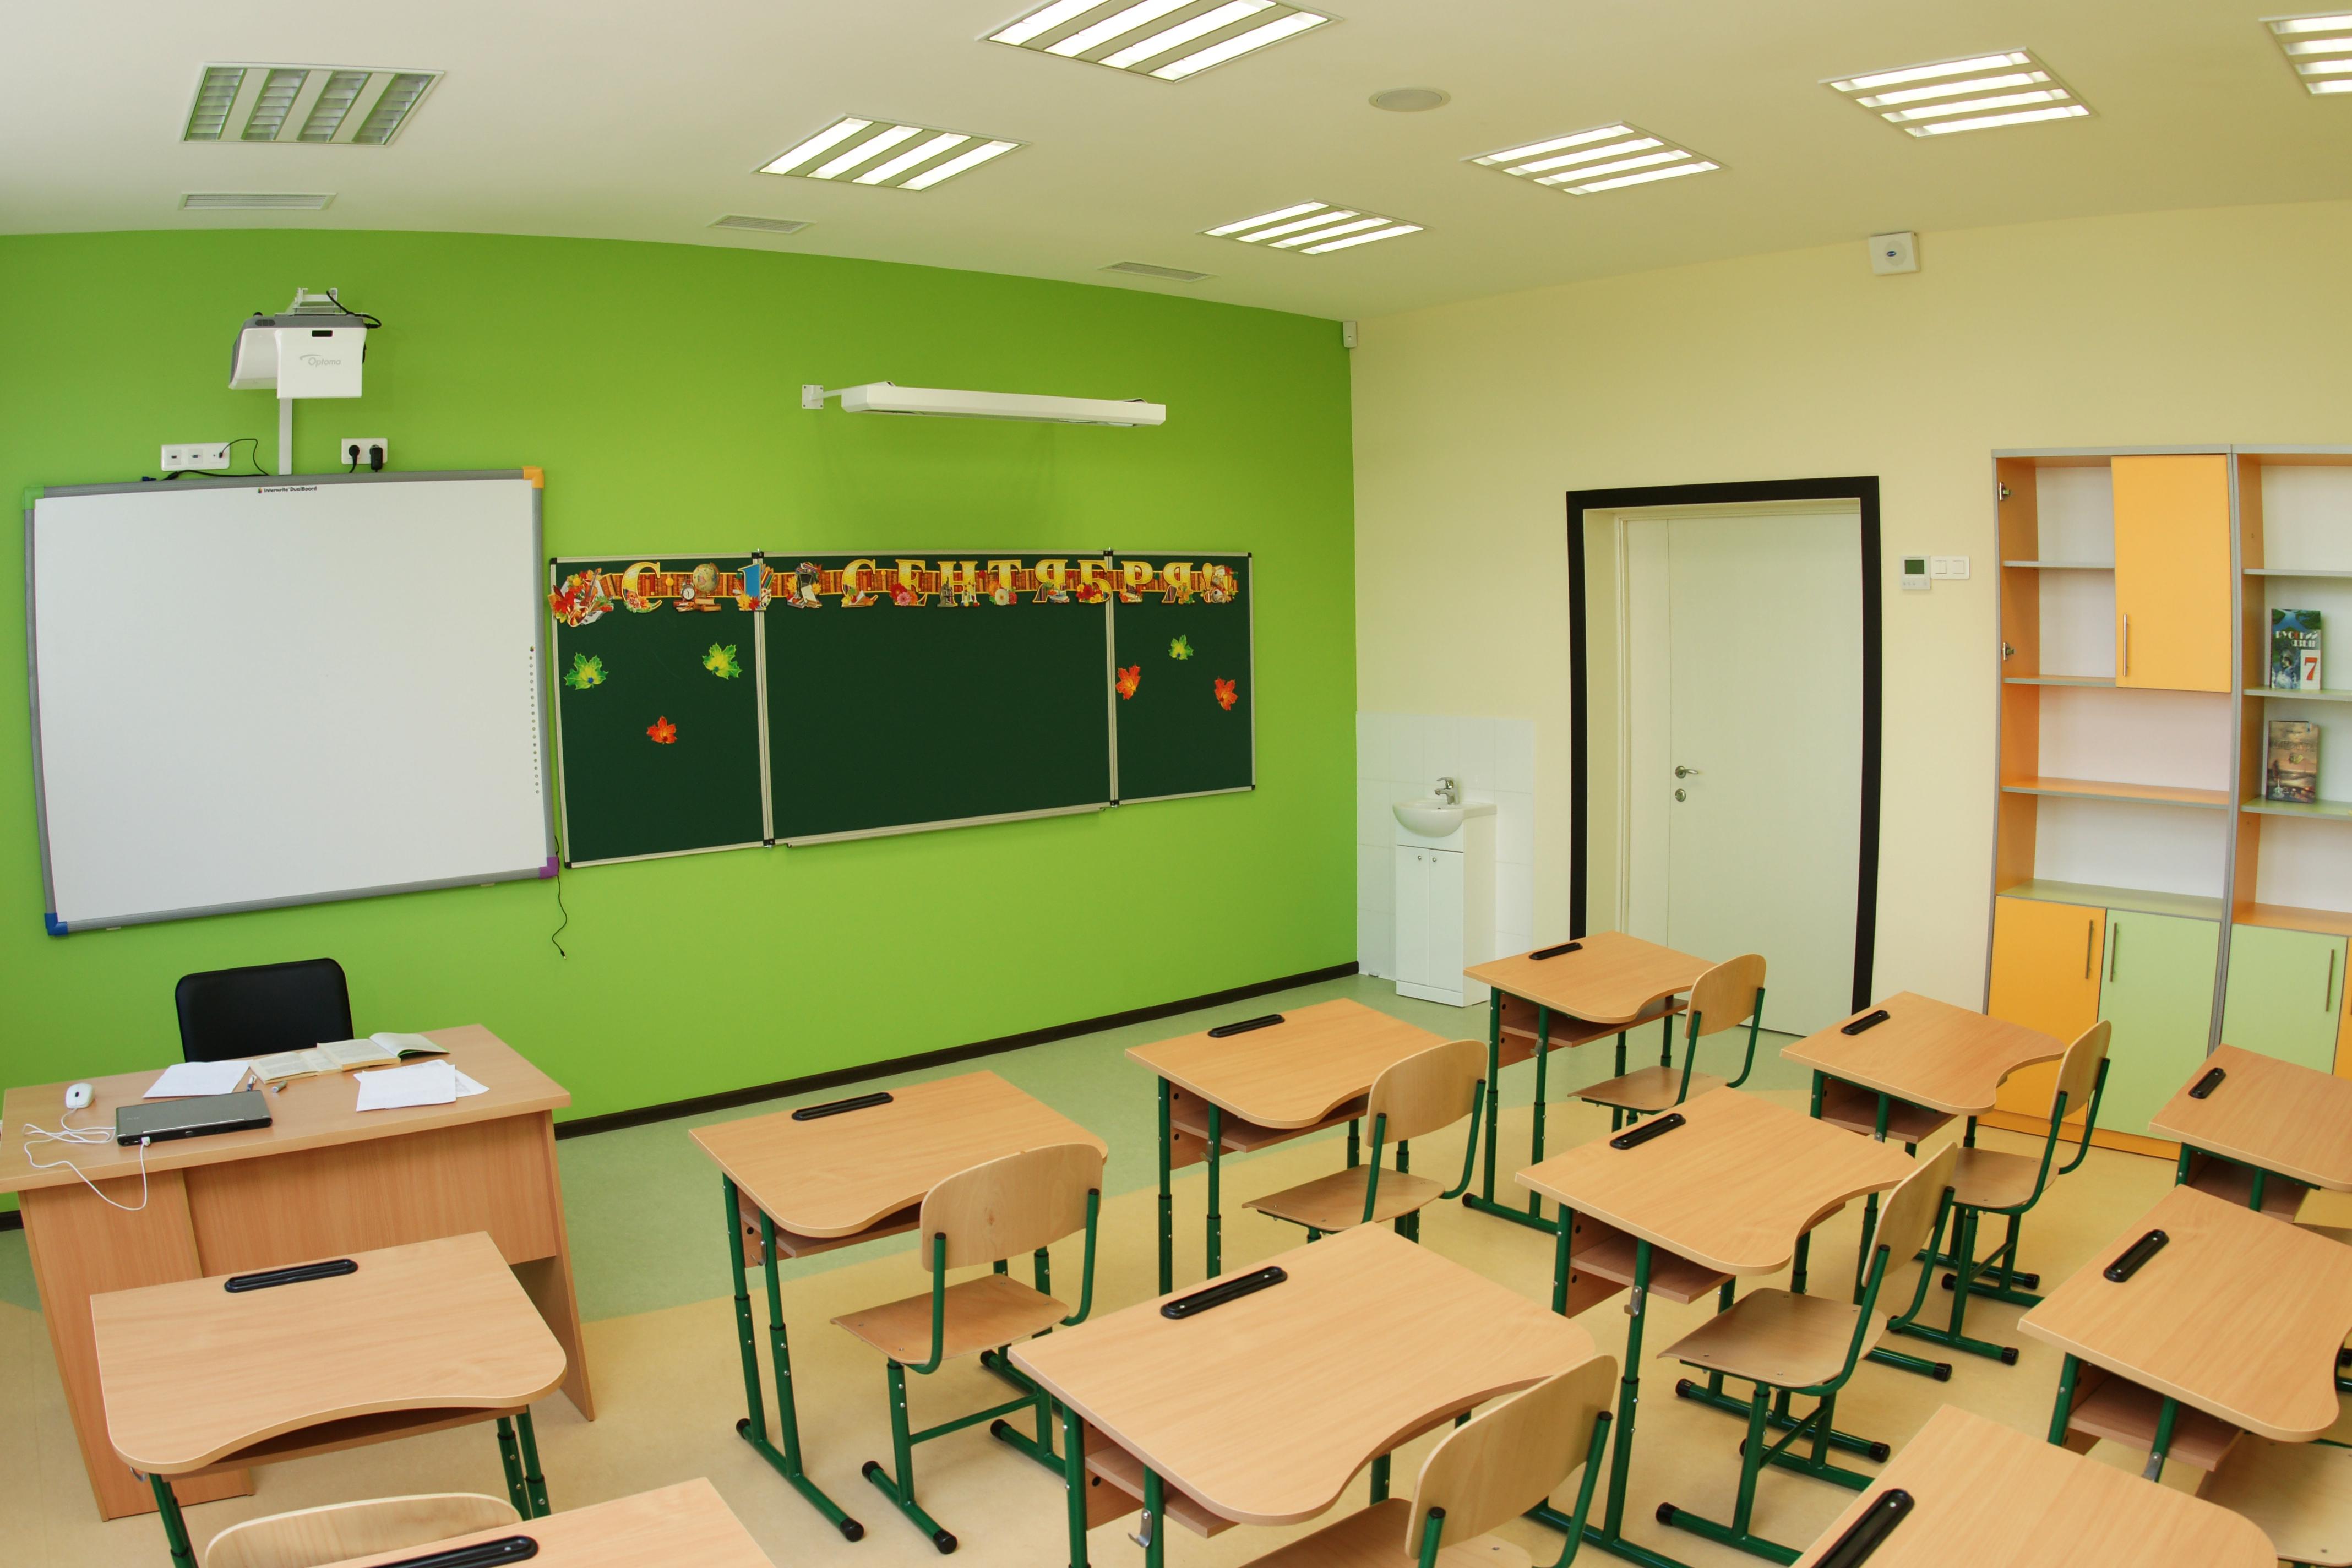 ремонт класса в школе фото высокой